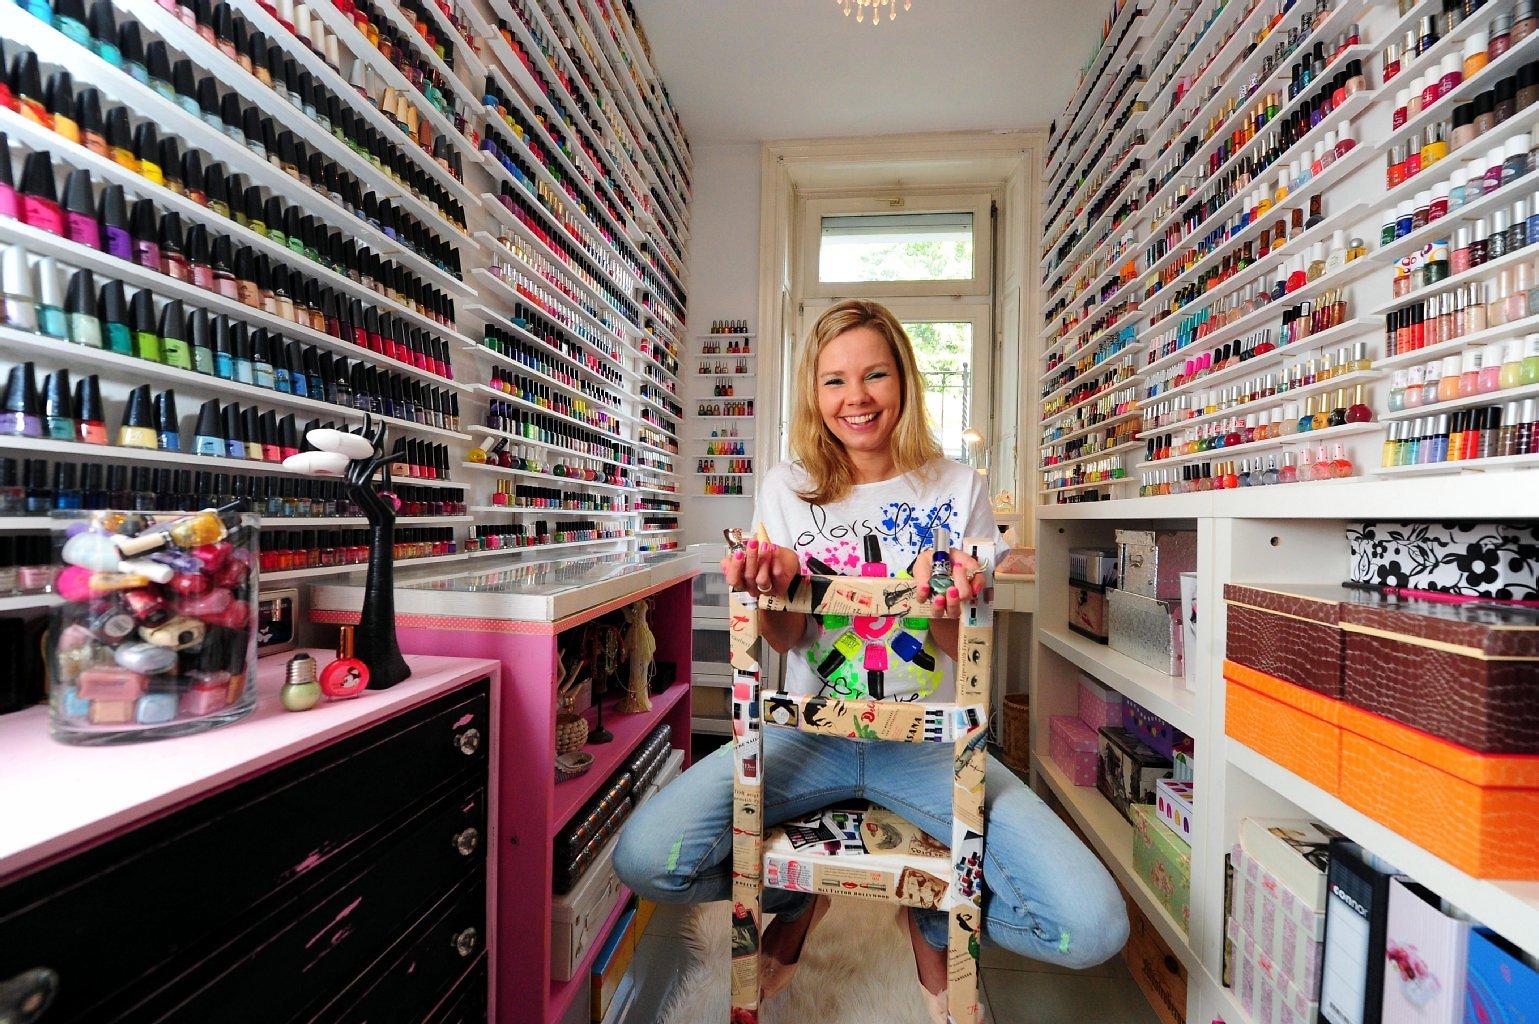 Una licenciada en administración de empresas de 39 años tiene alrededor 11.027 envases de esmalte de todos los tamaños, colores y formas